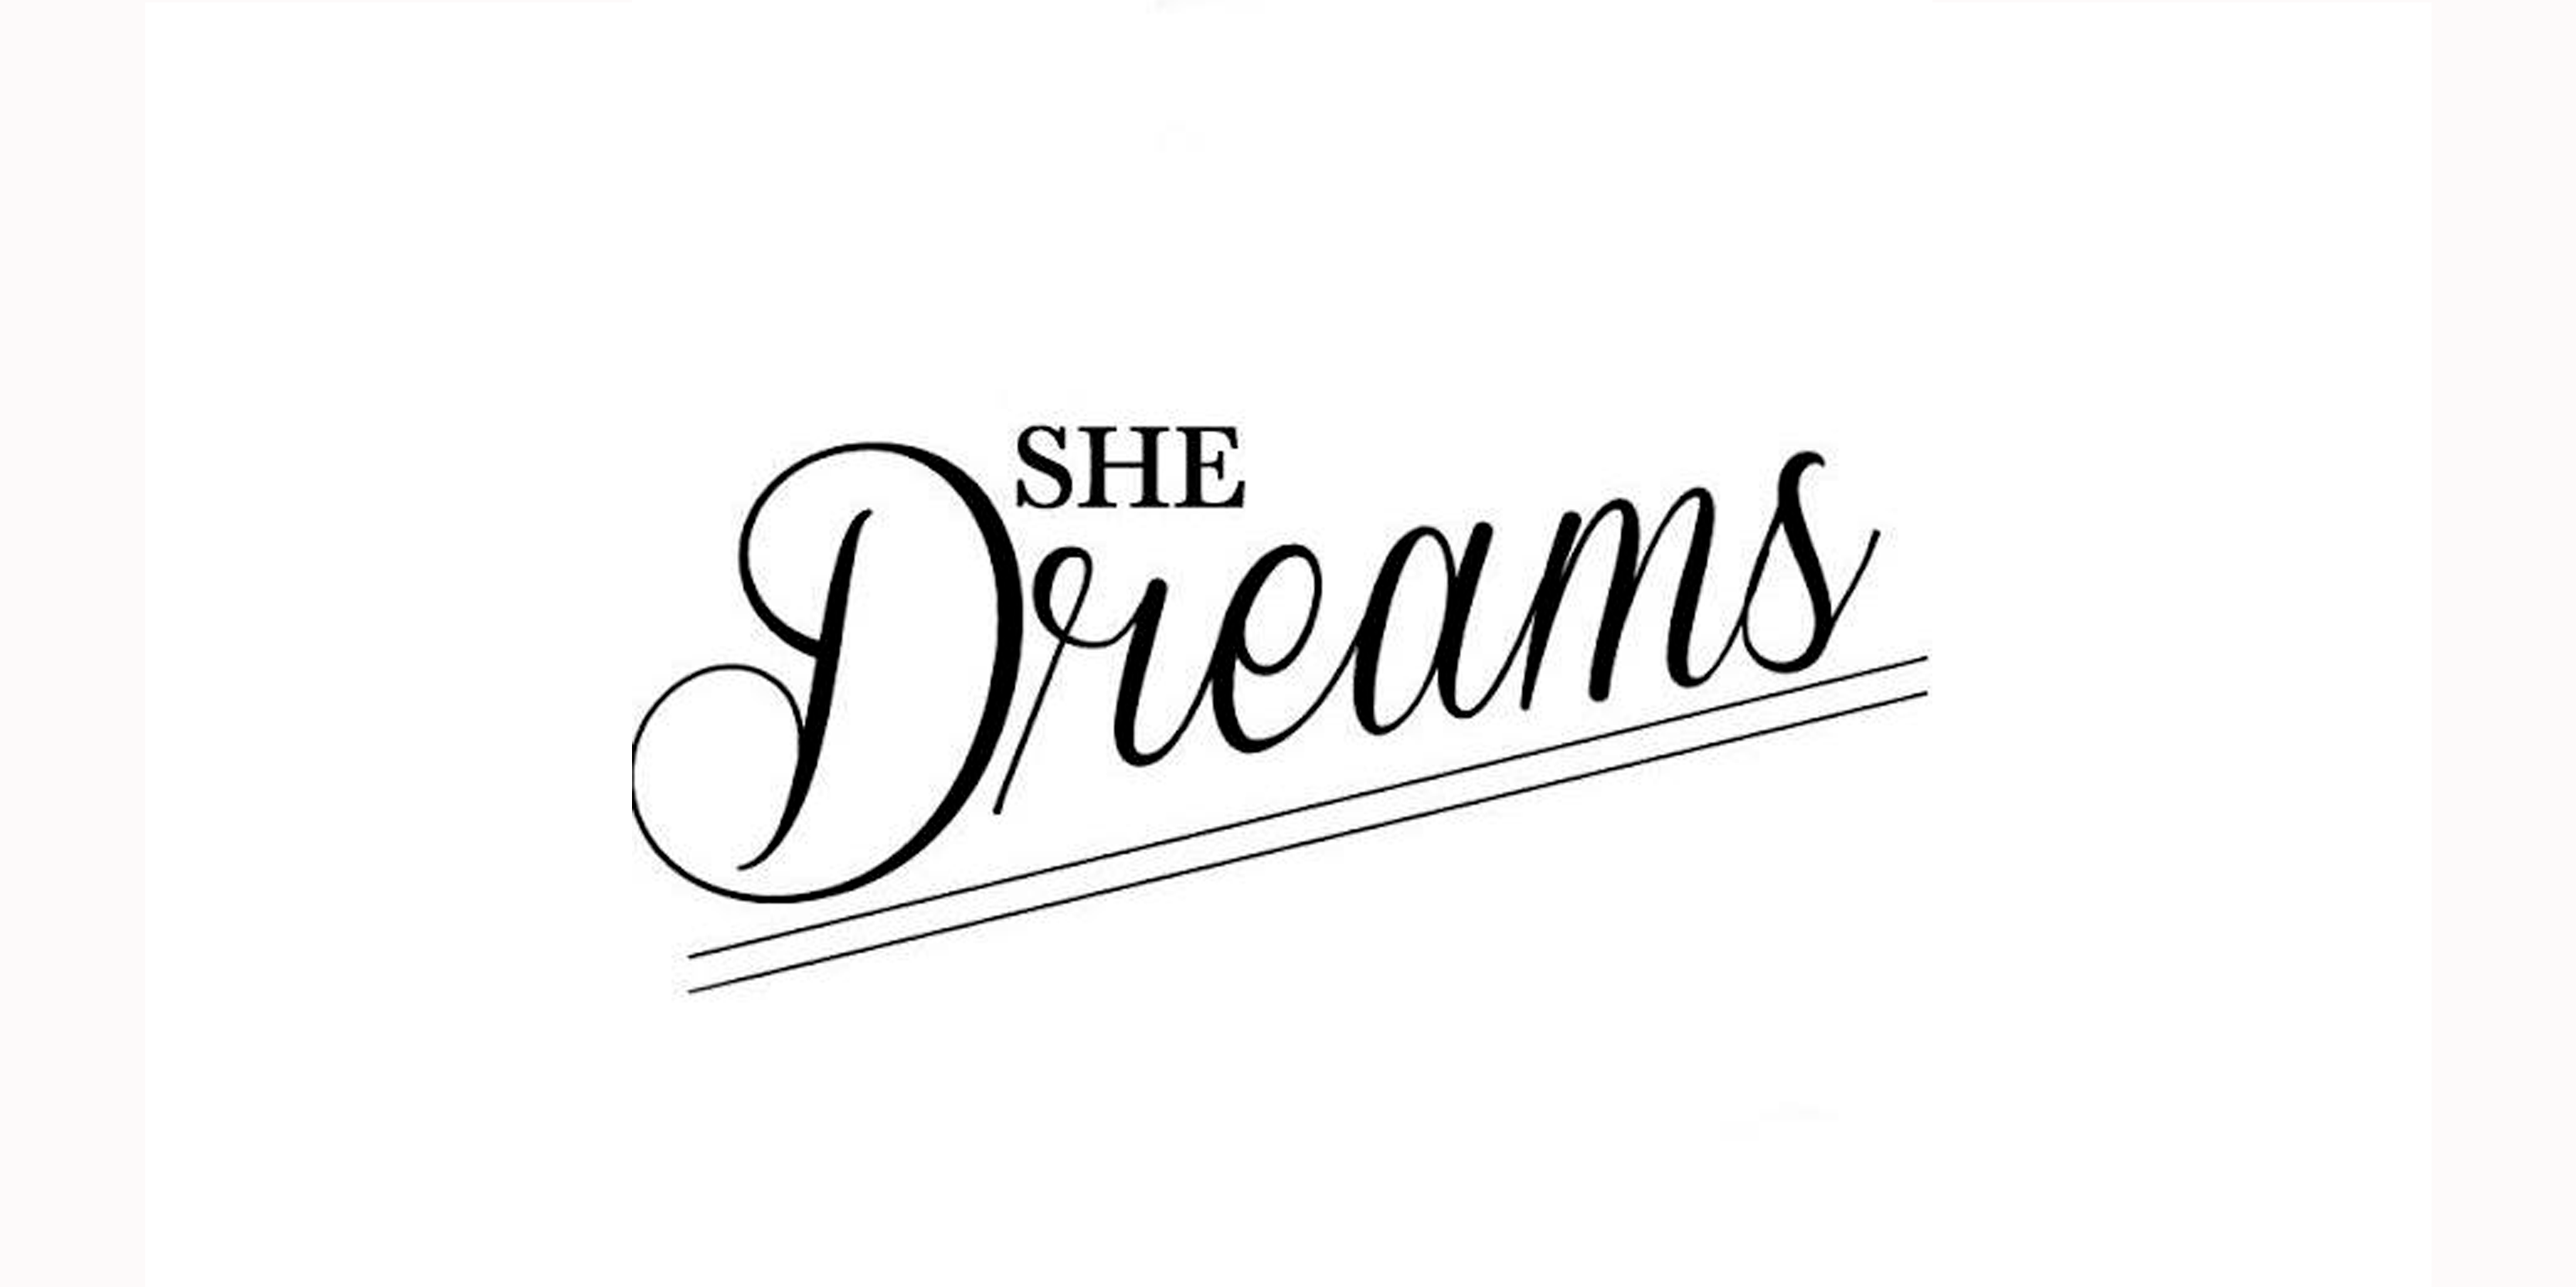 История успеха. Интервью Дарьи Кабицкой для проекта She Dreams.